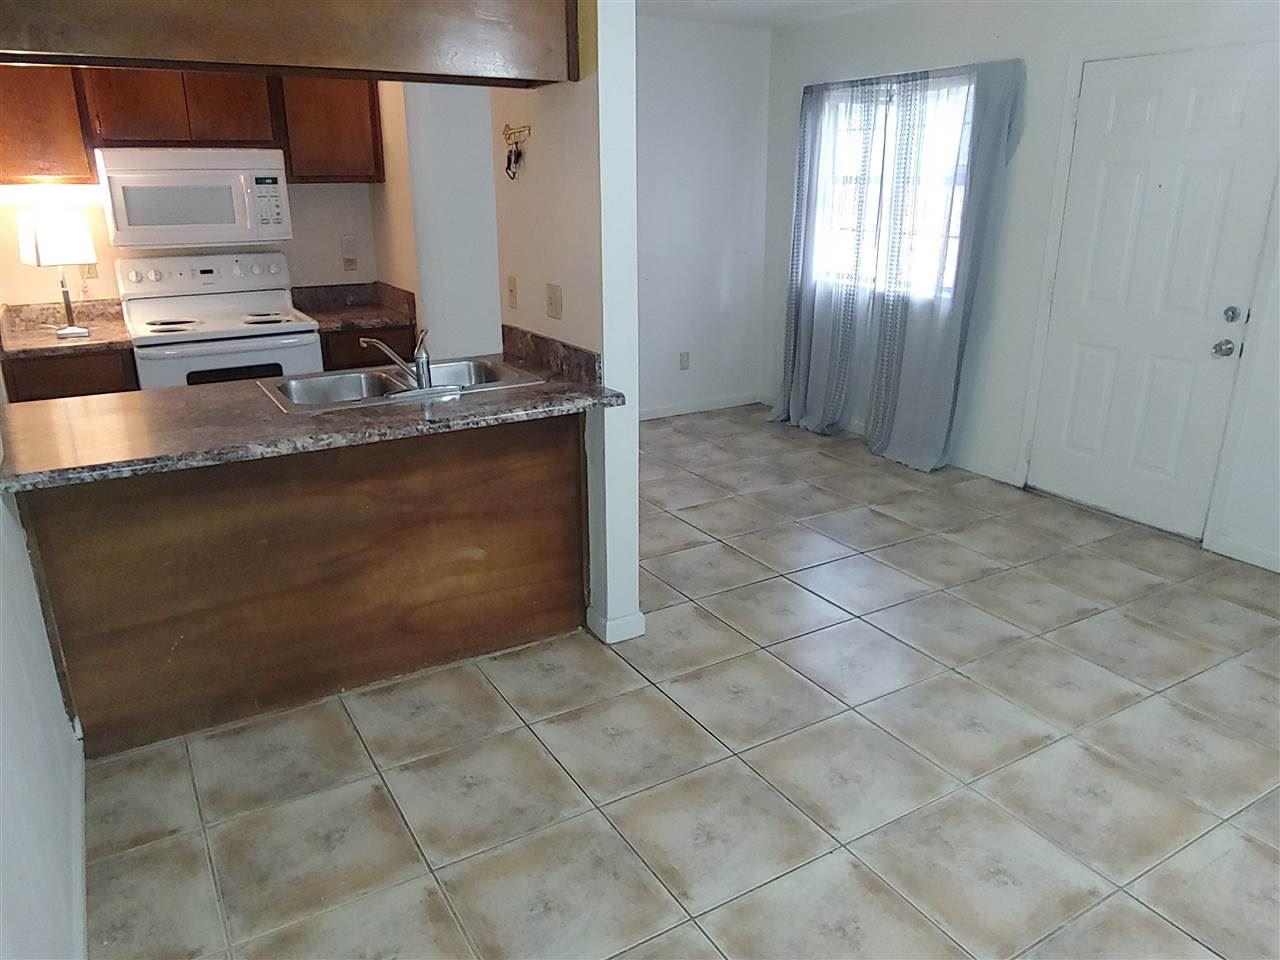 Photo of 828 W Carolina Street #1, TALLAHASSEE, FL 32304 (MLS # 327346)